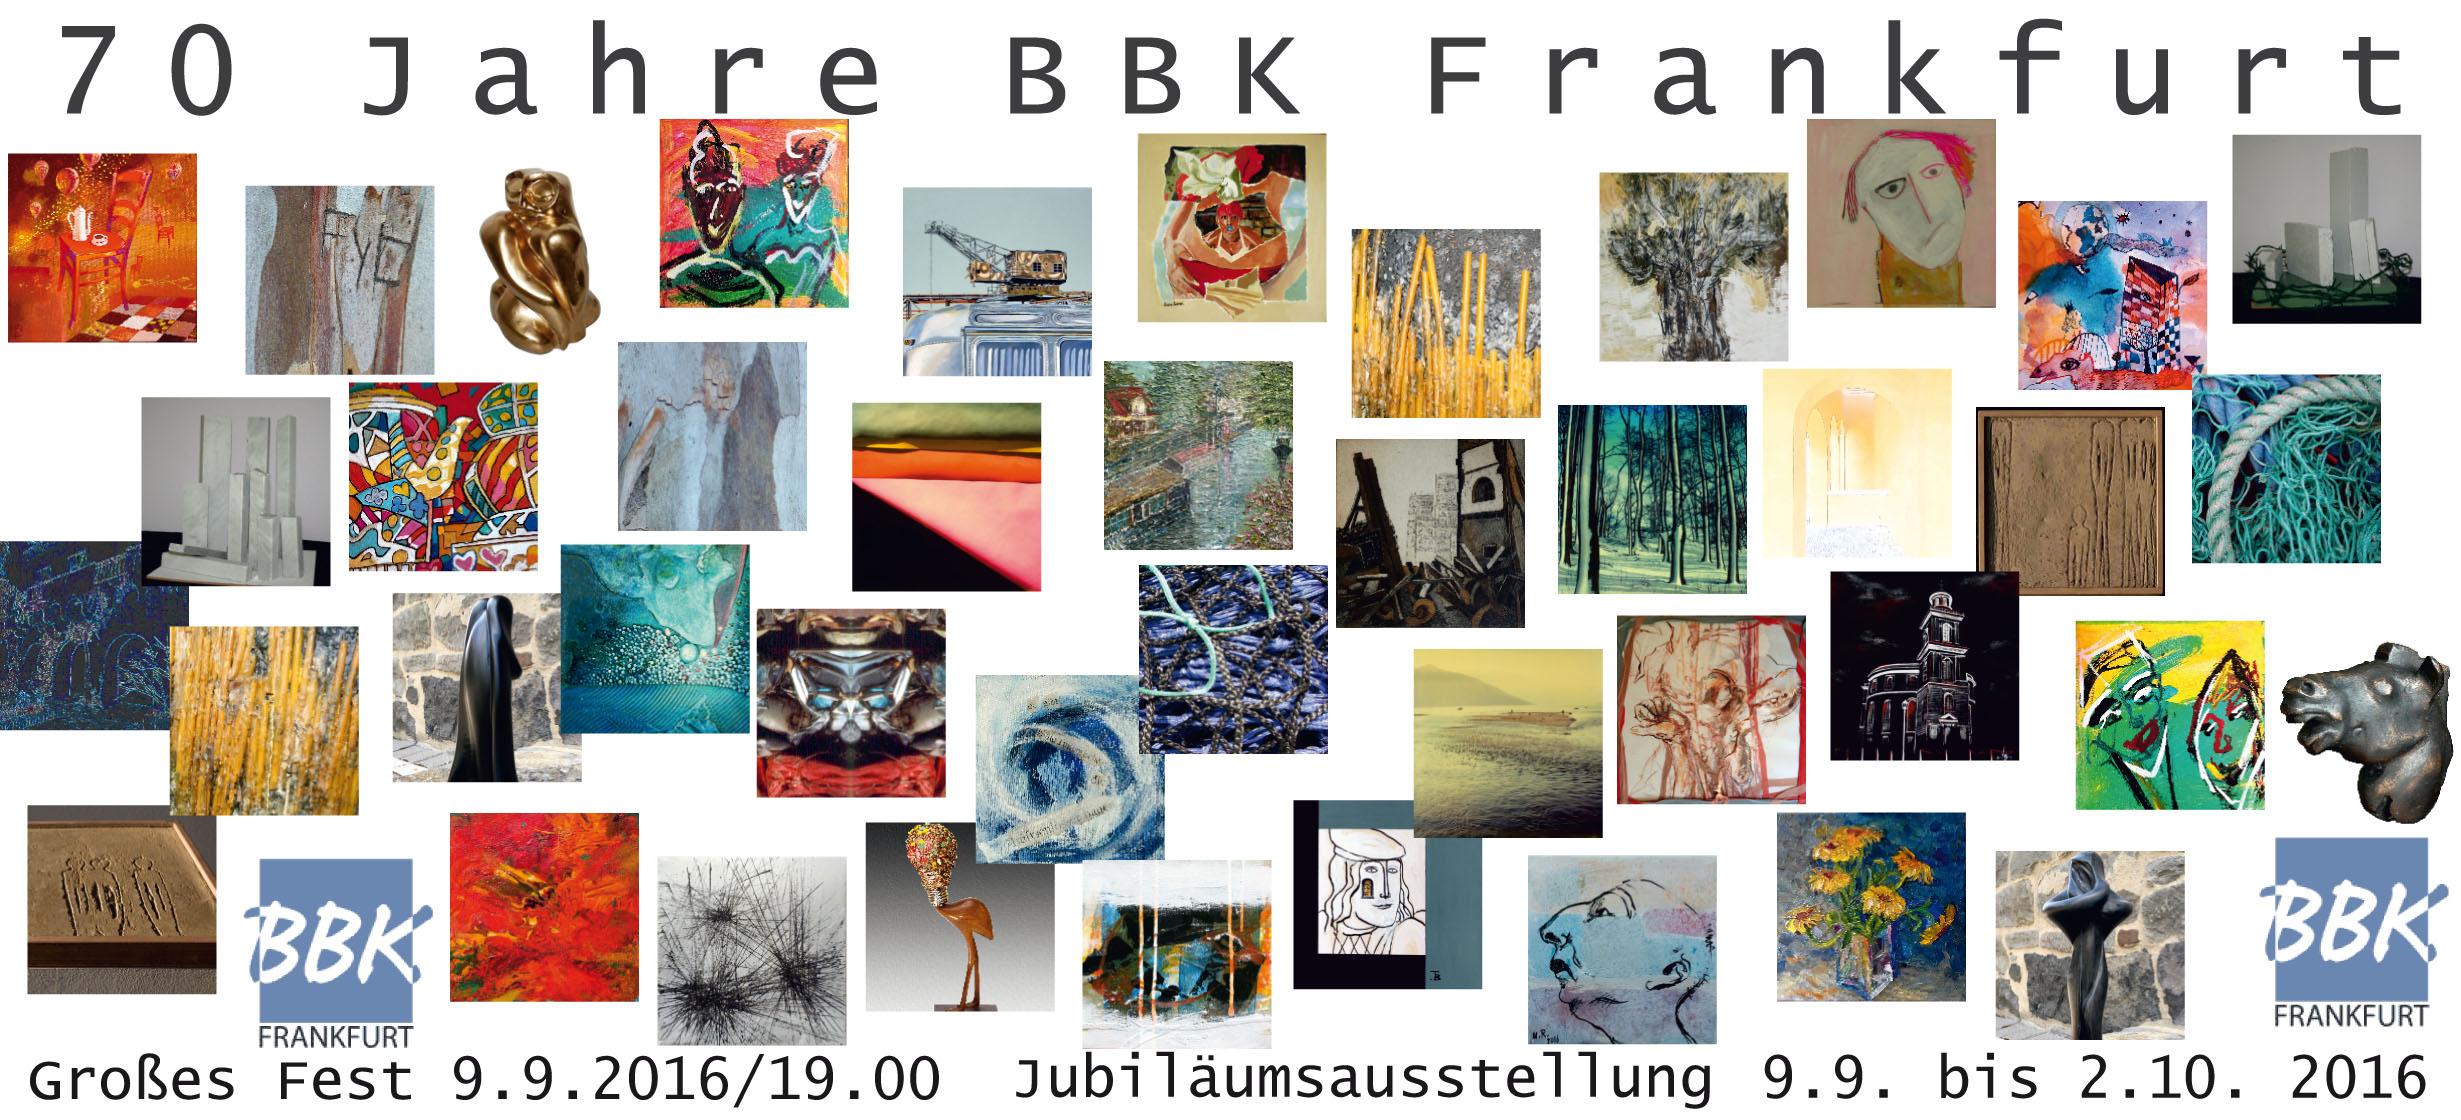 Facepainting-Kunst zum 70. Geburtstag des BBK Frankfurt